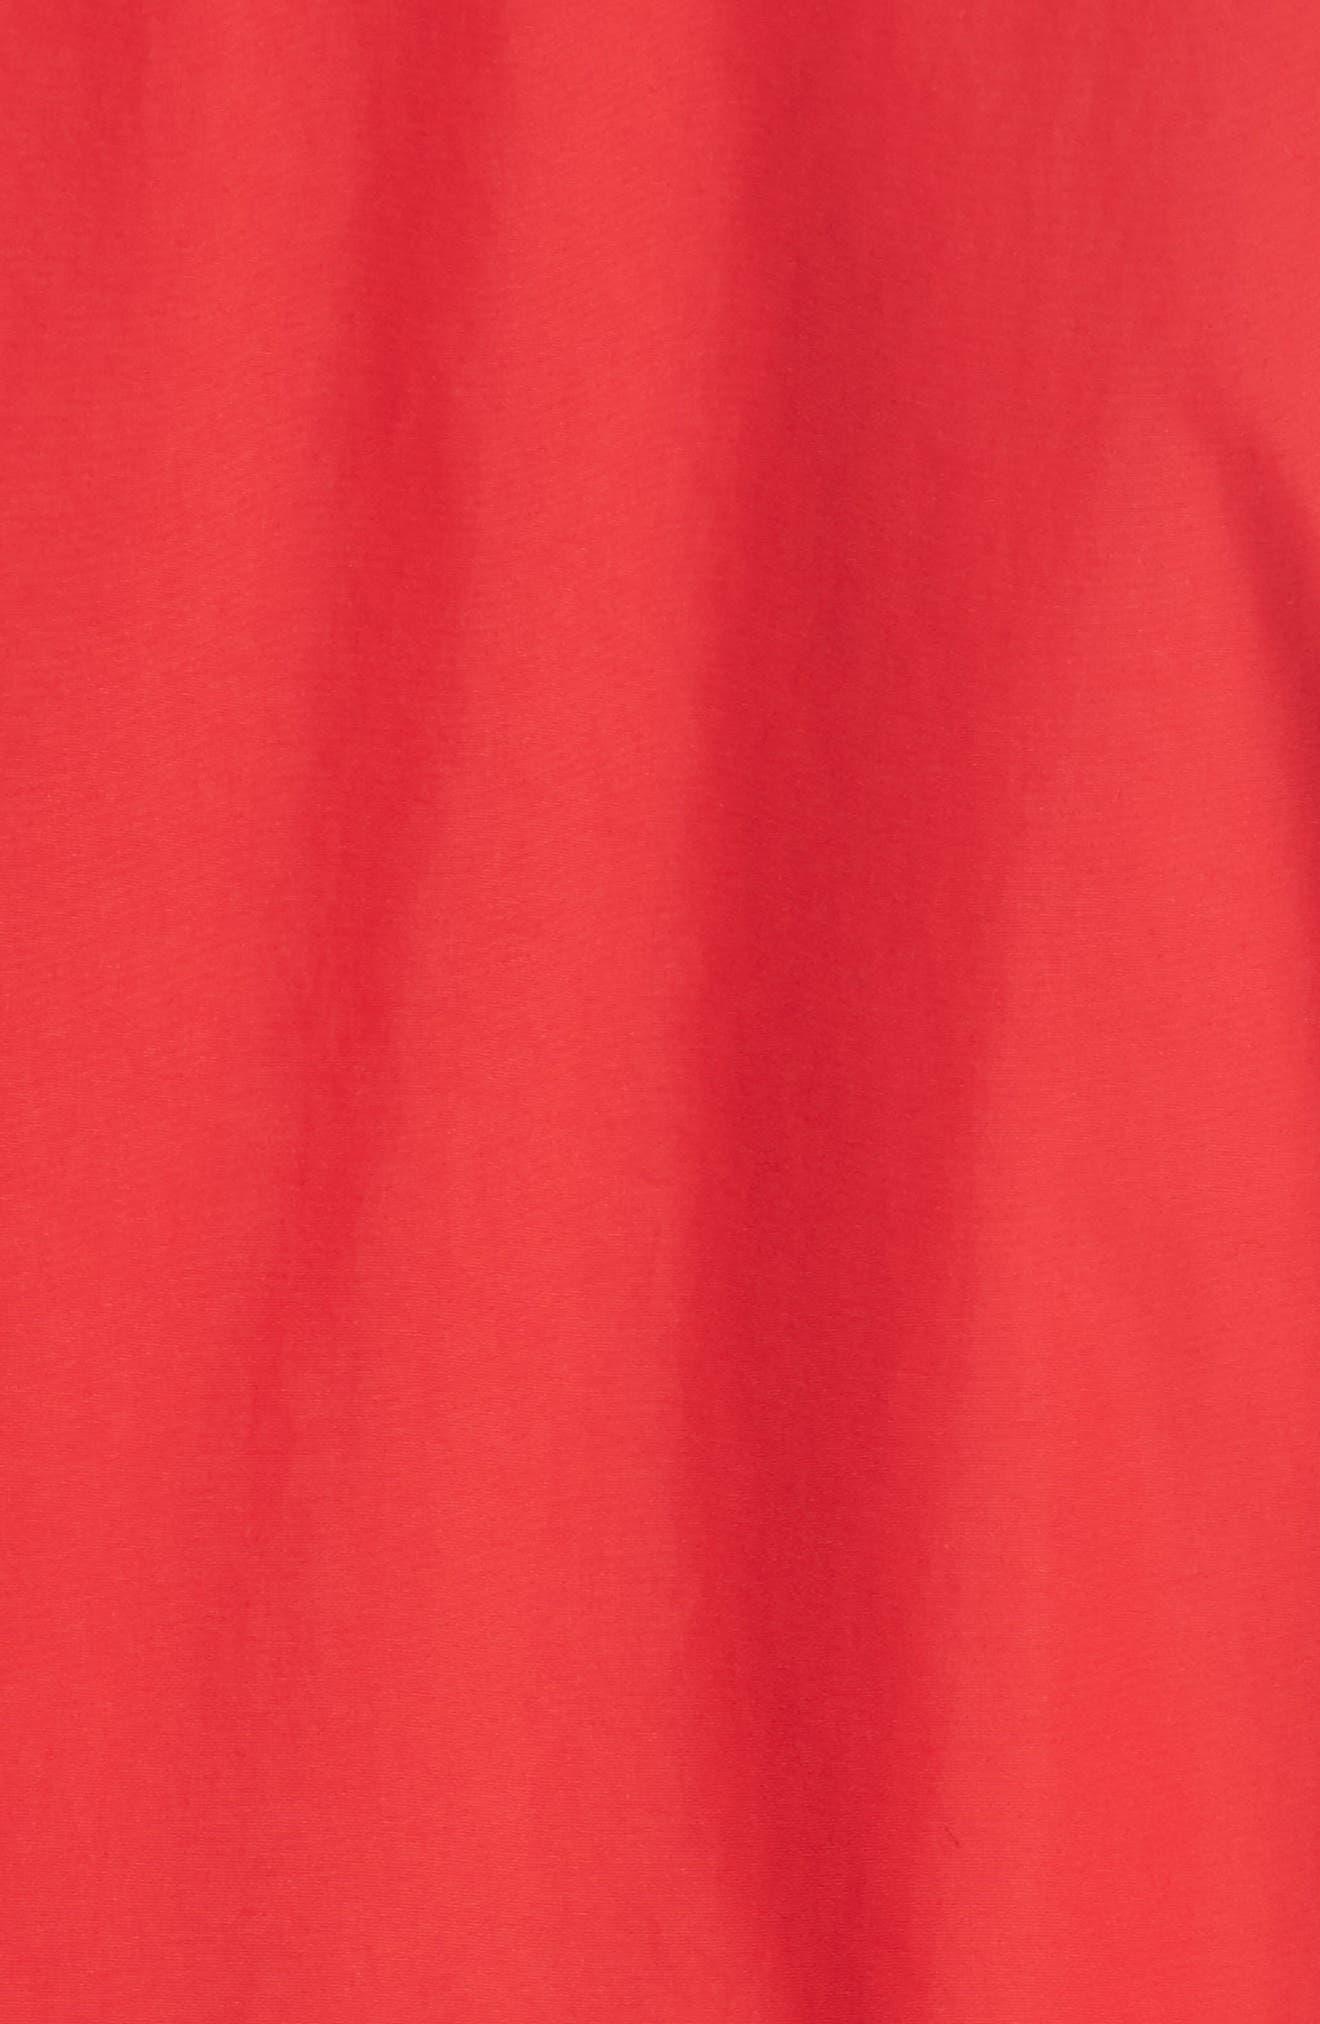 Kaneda Bomber Jacket,                             Alternate thumbnail 6, color,                             600